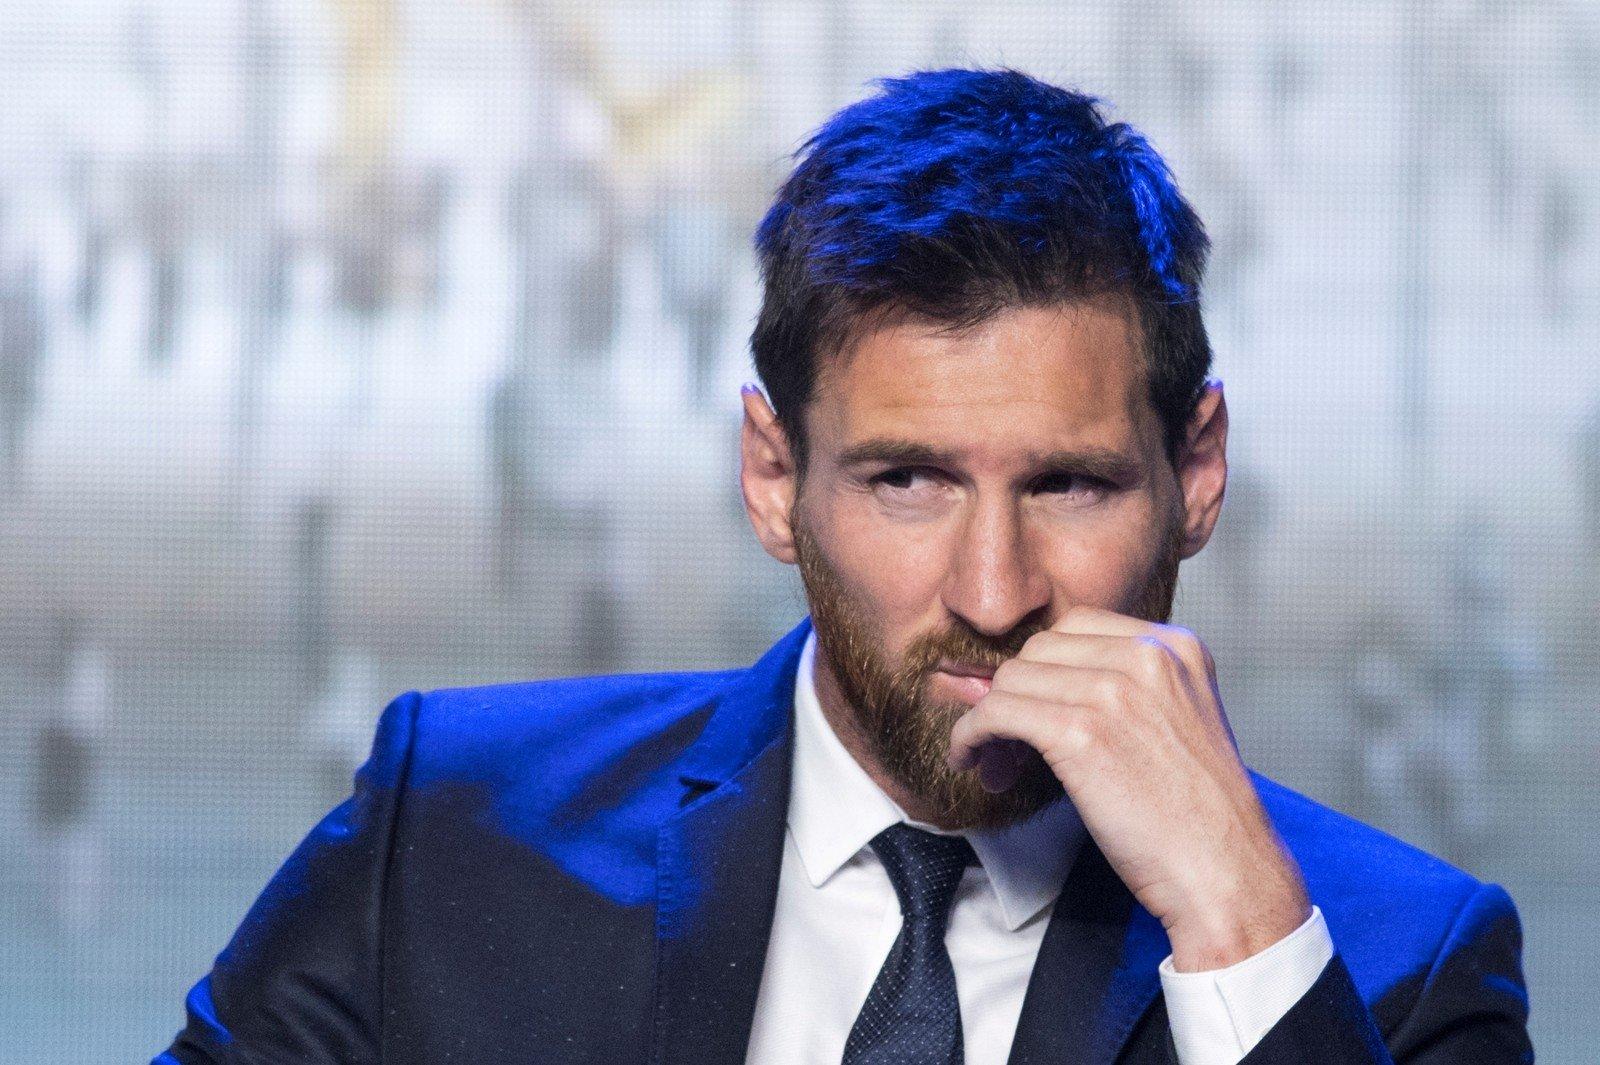 Суд поменял тюремный срок футболисту Месси штрафом в252 тысячи евро